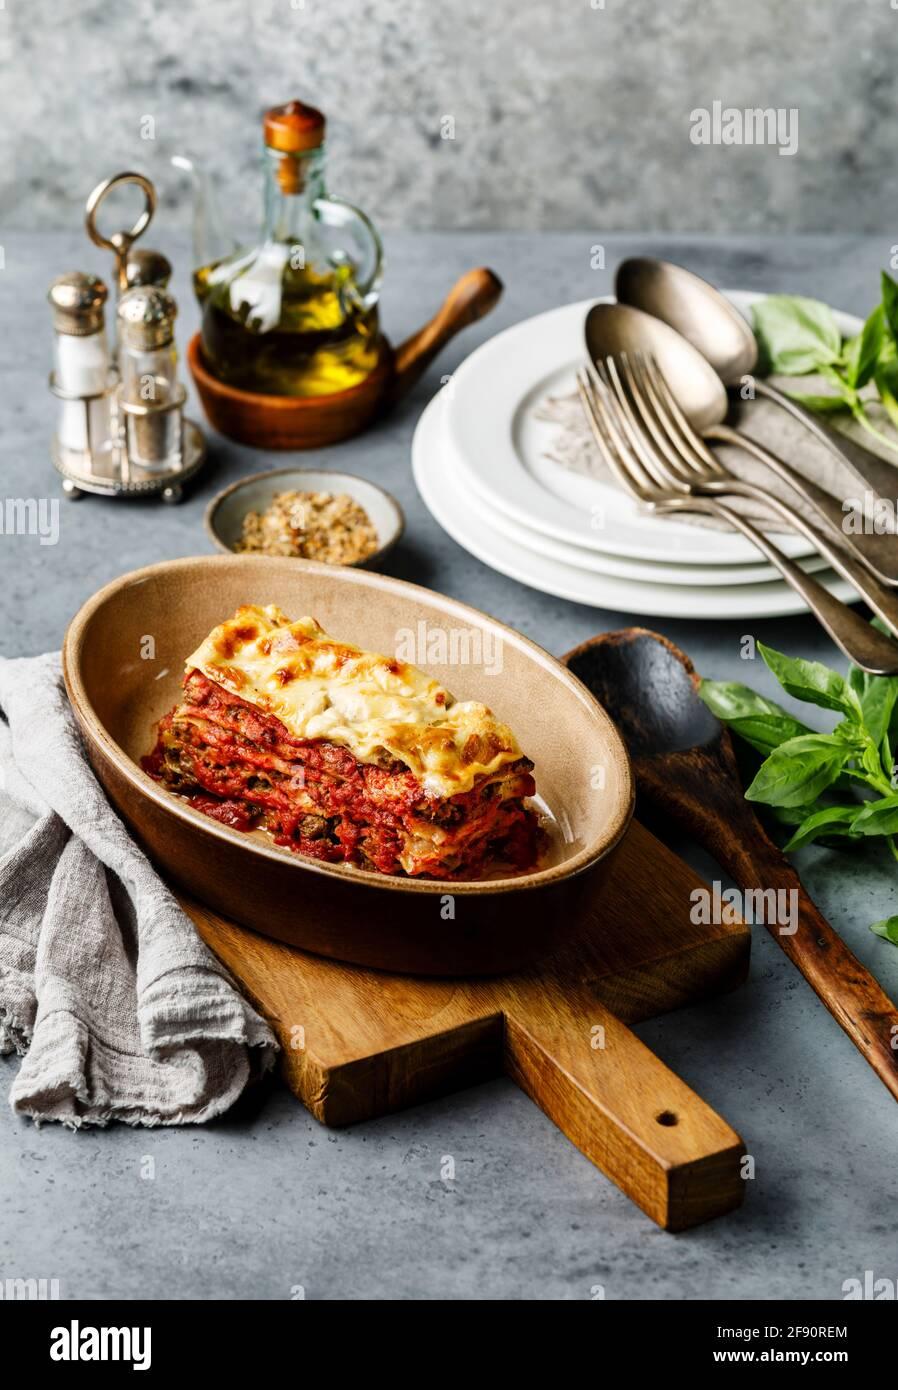 Lasagna bolognese tradizionale cucina italiana su fondo di cemento Foto Stock